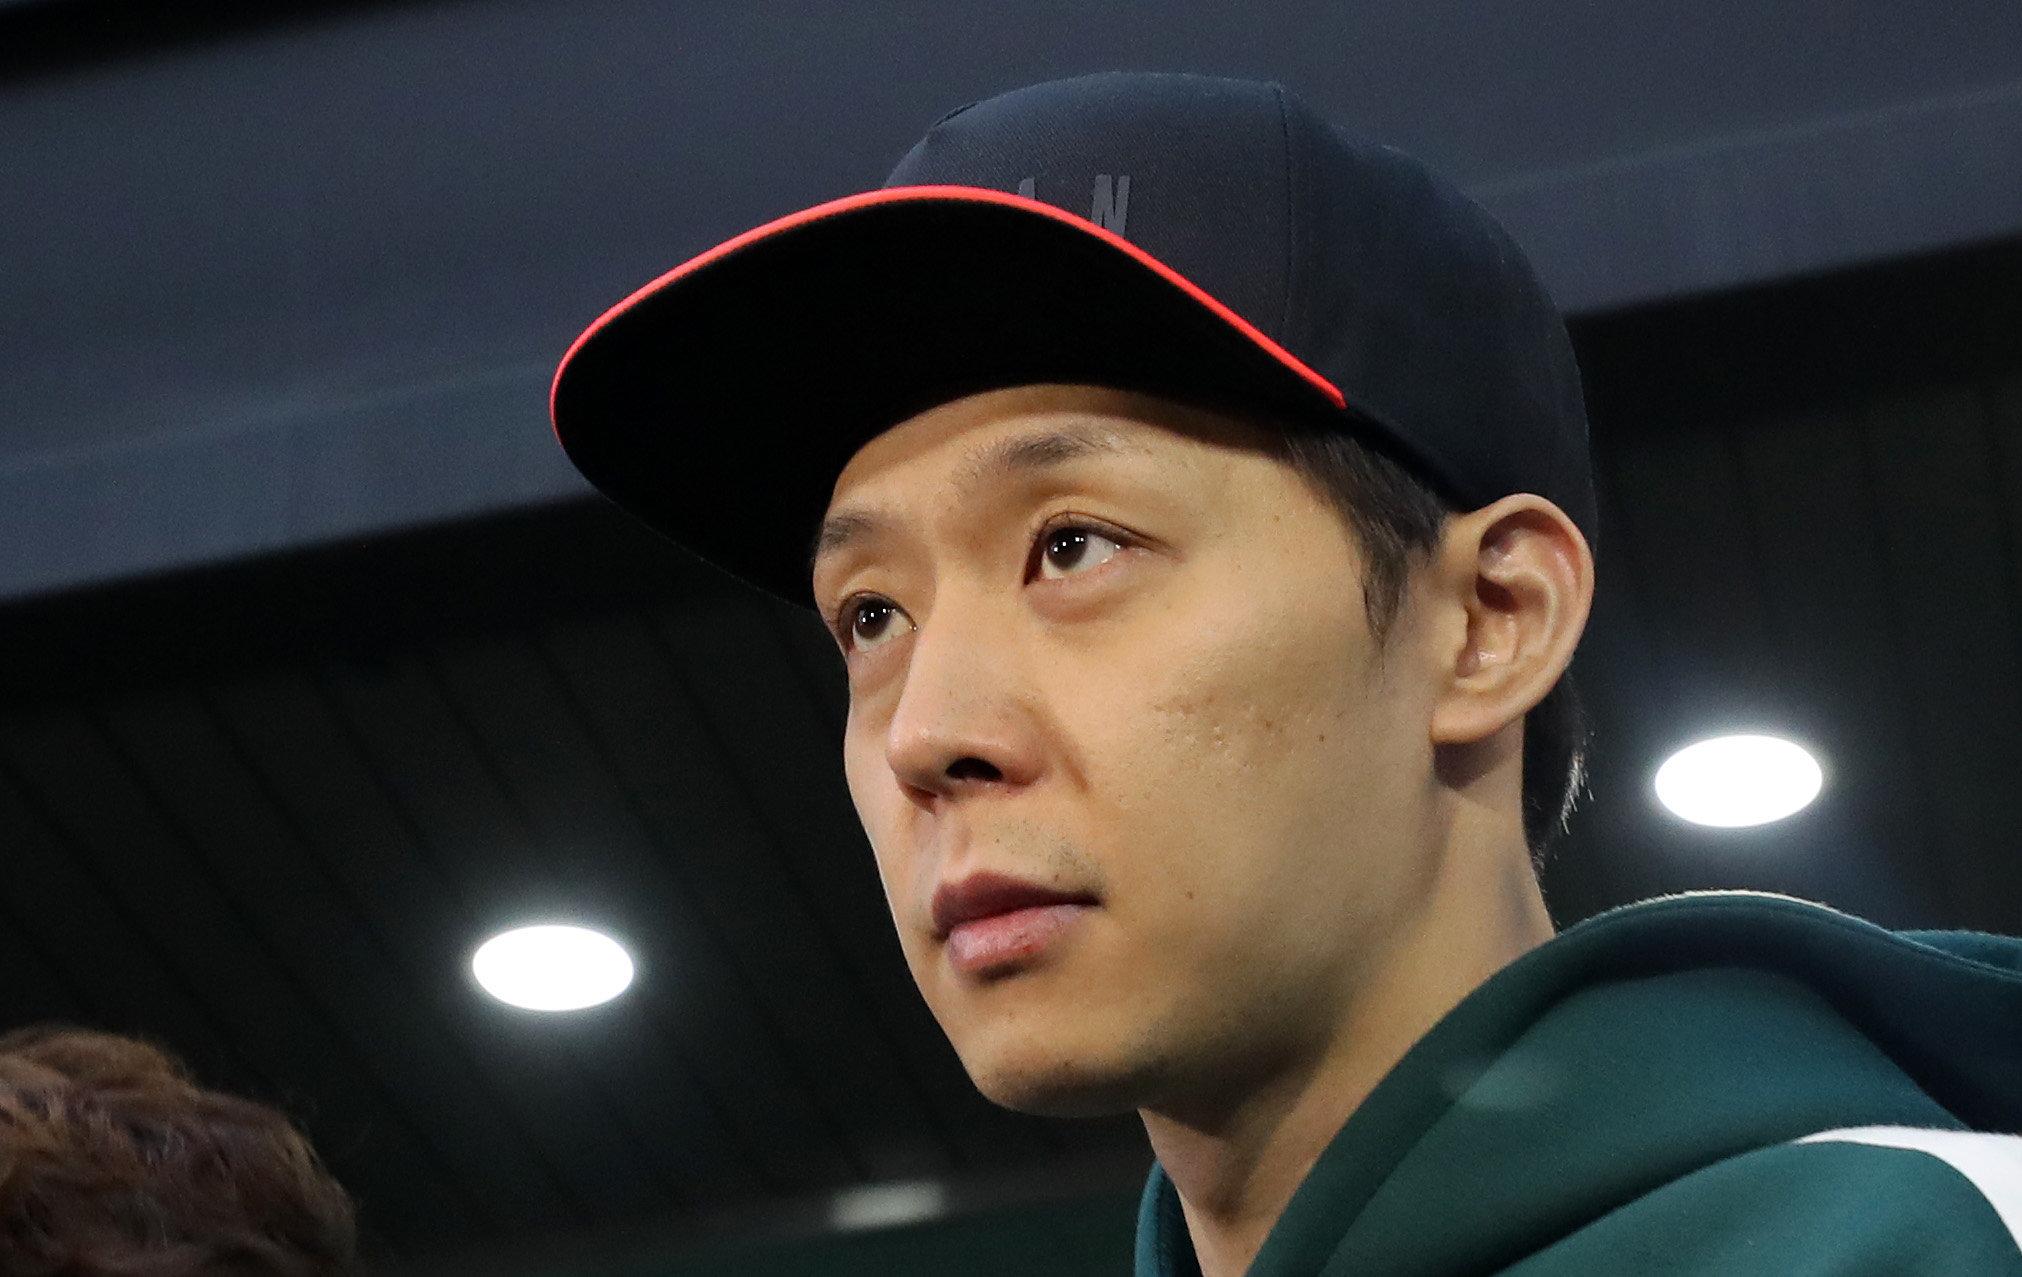 박유천, 국과수 마약반응검사에서 '양성